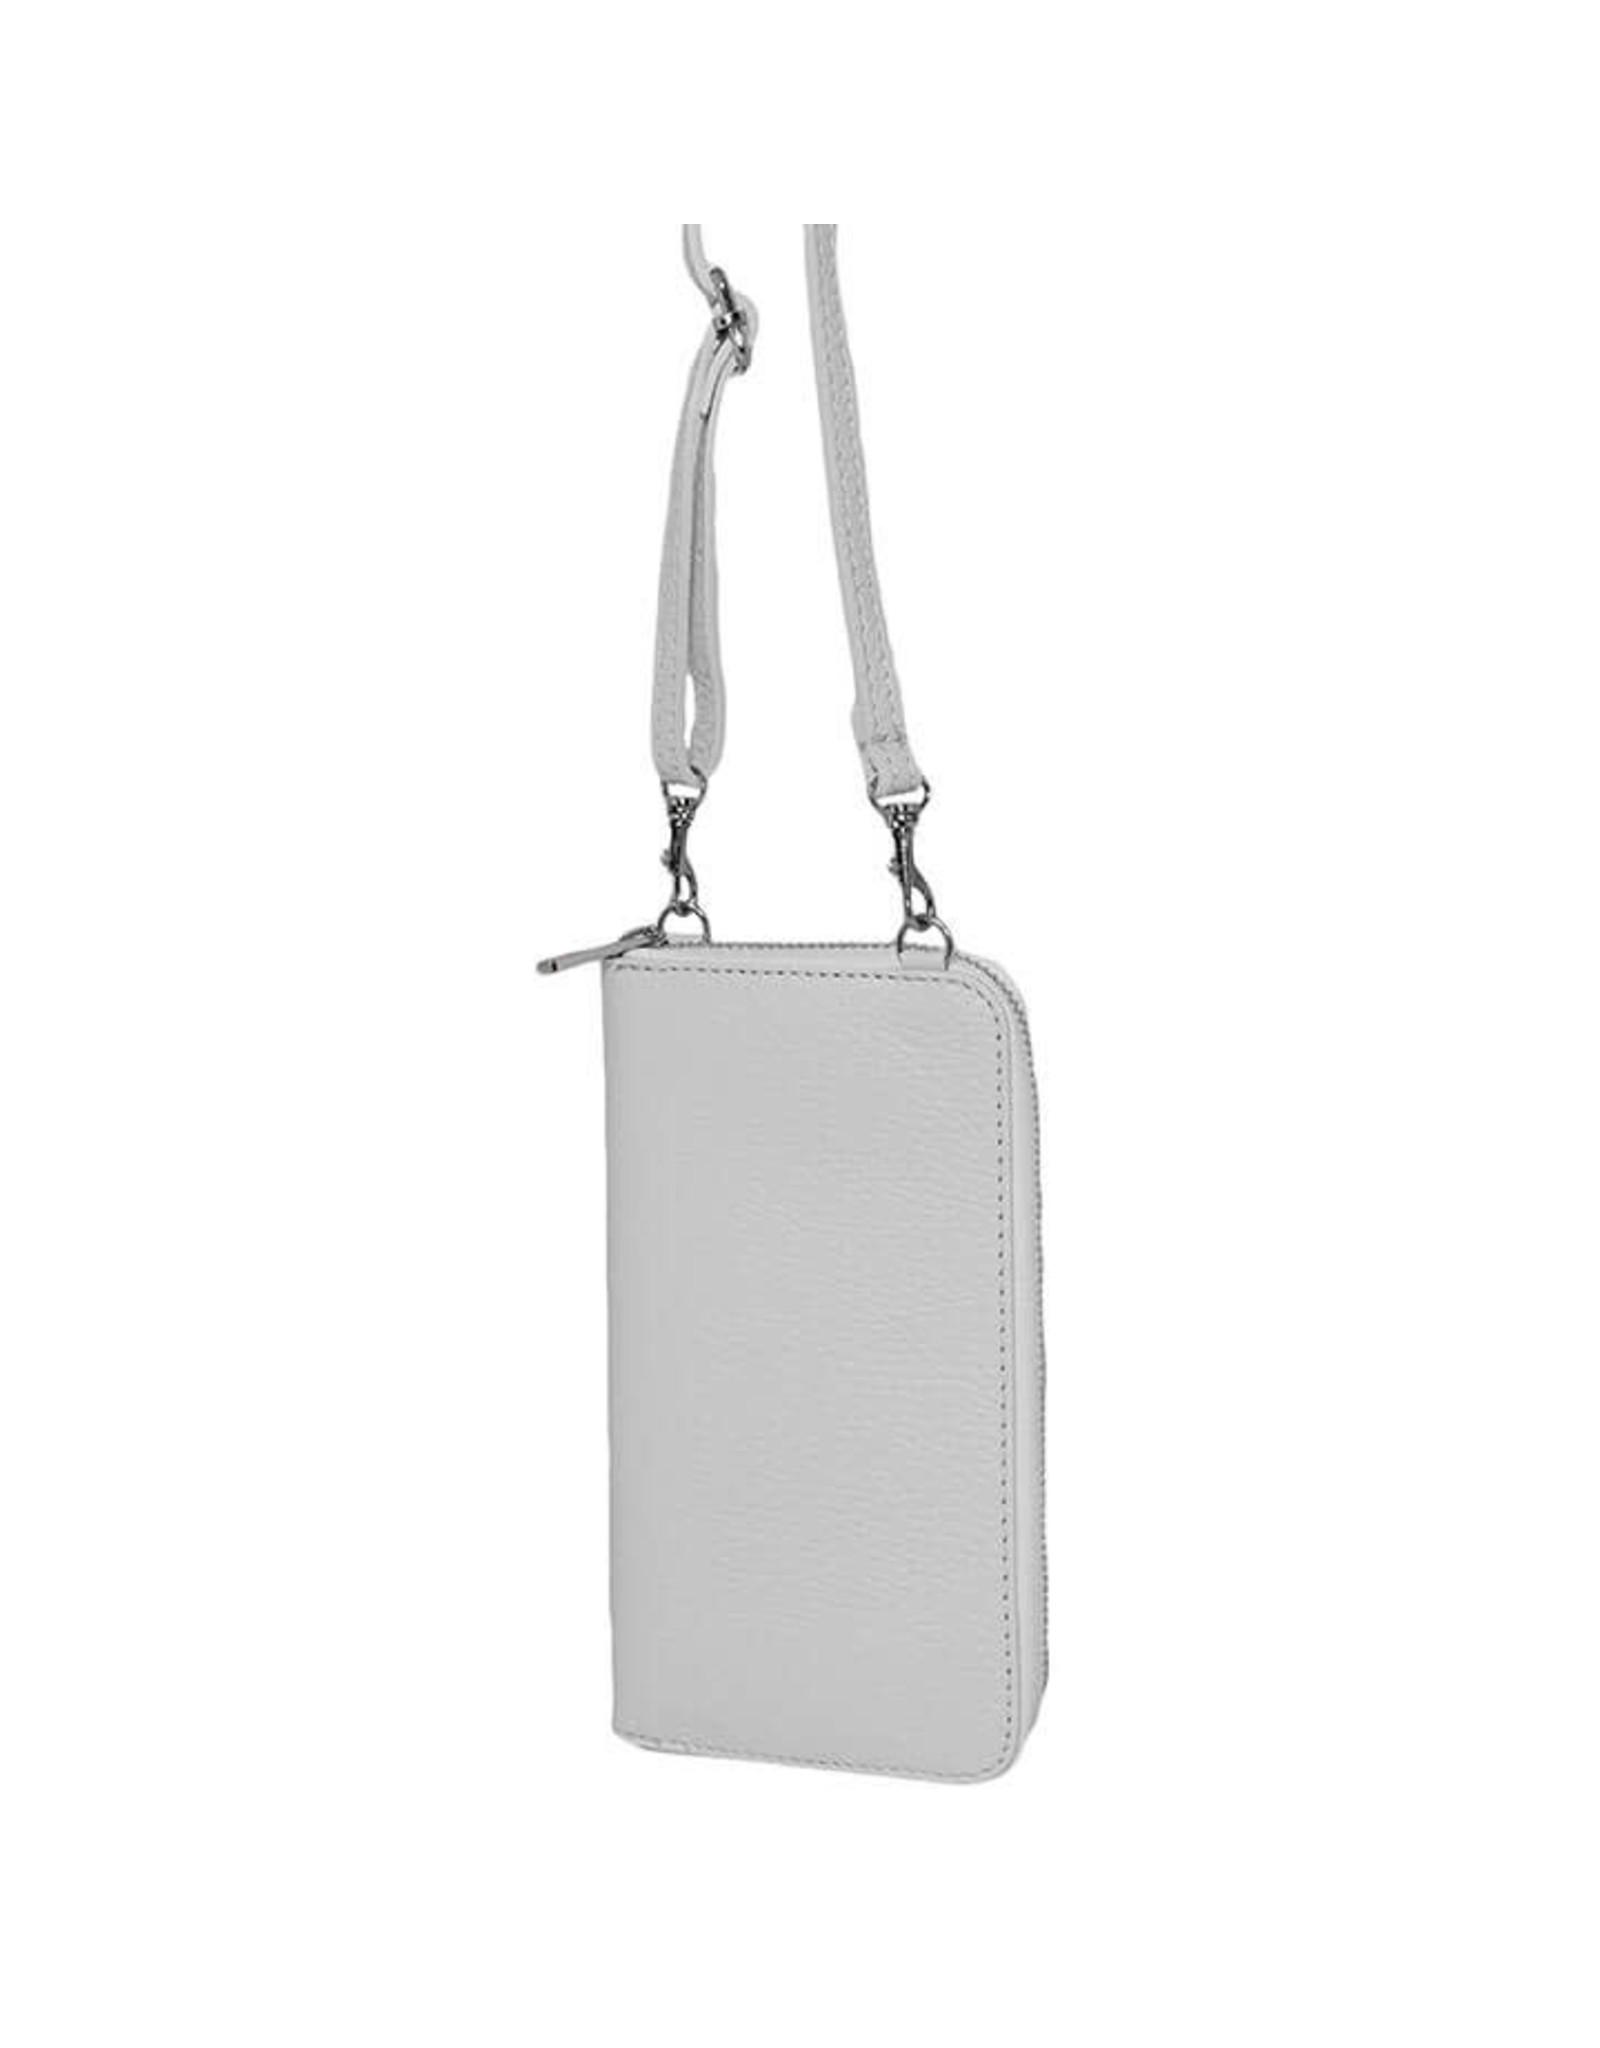 Elvy Elvy Demi phone wallet bag ecru 210